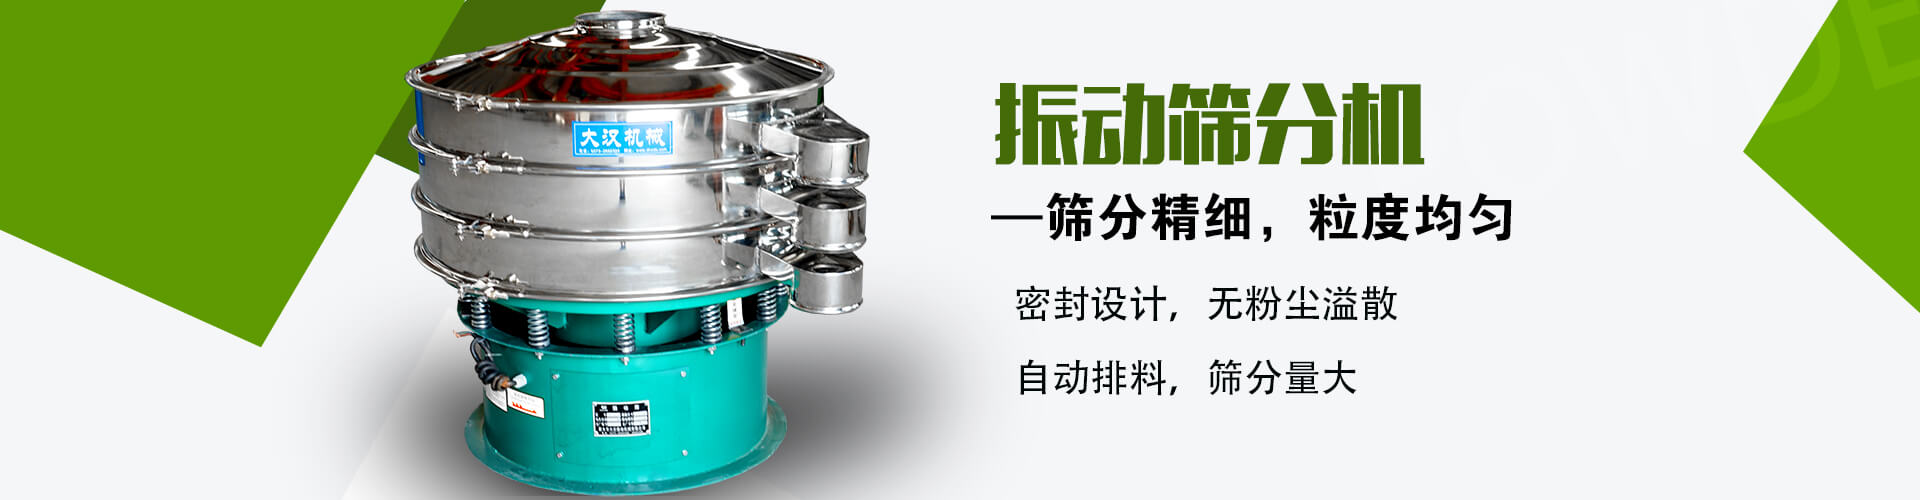 大汉机械振动筛分机,筛分精细、粒度均匀